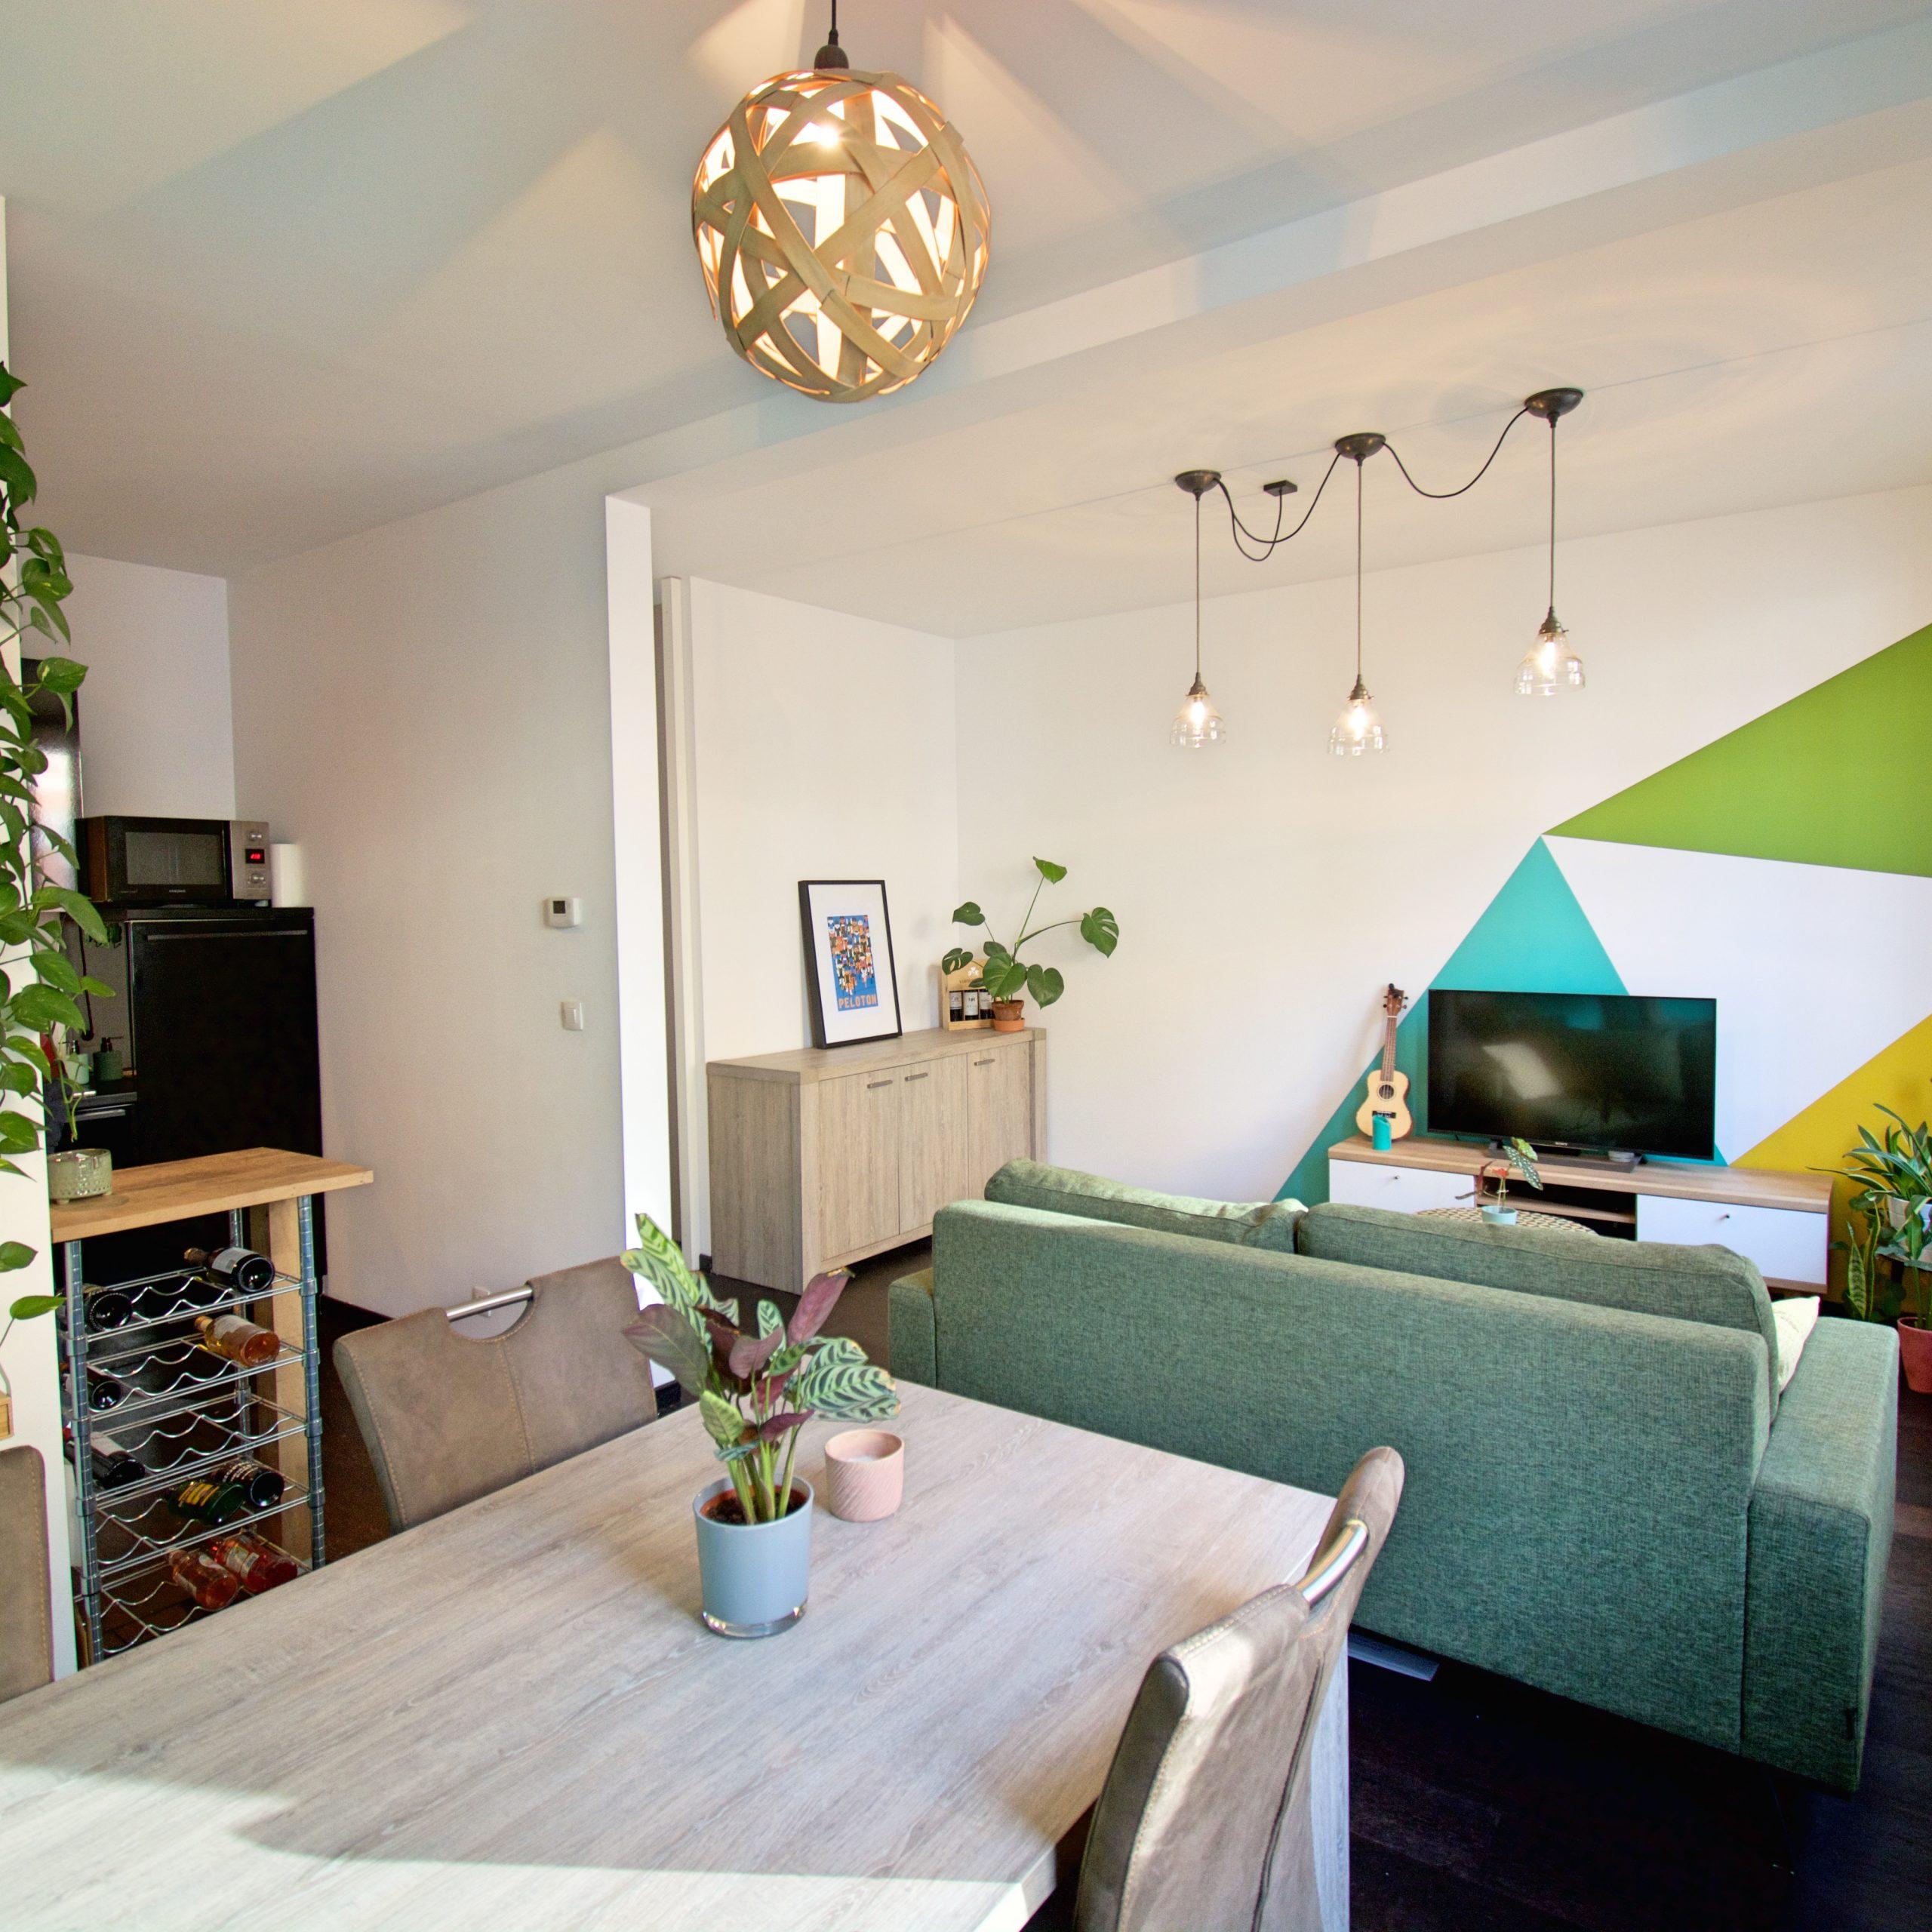 Lambermont 2 - Nice expat rental in Antwerp South